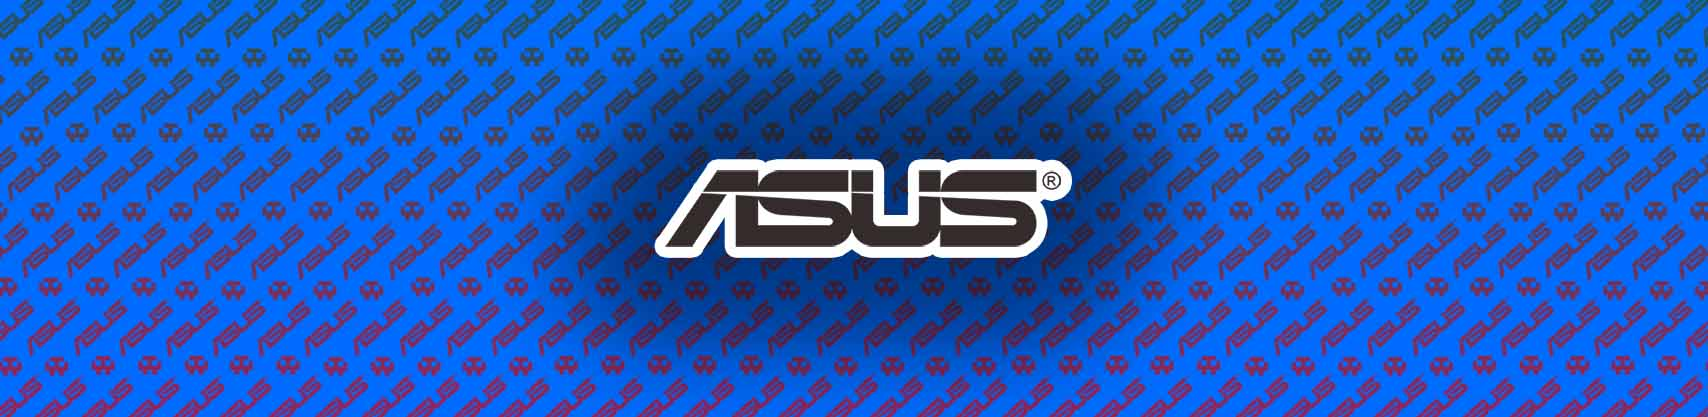 Asus X551M Manual